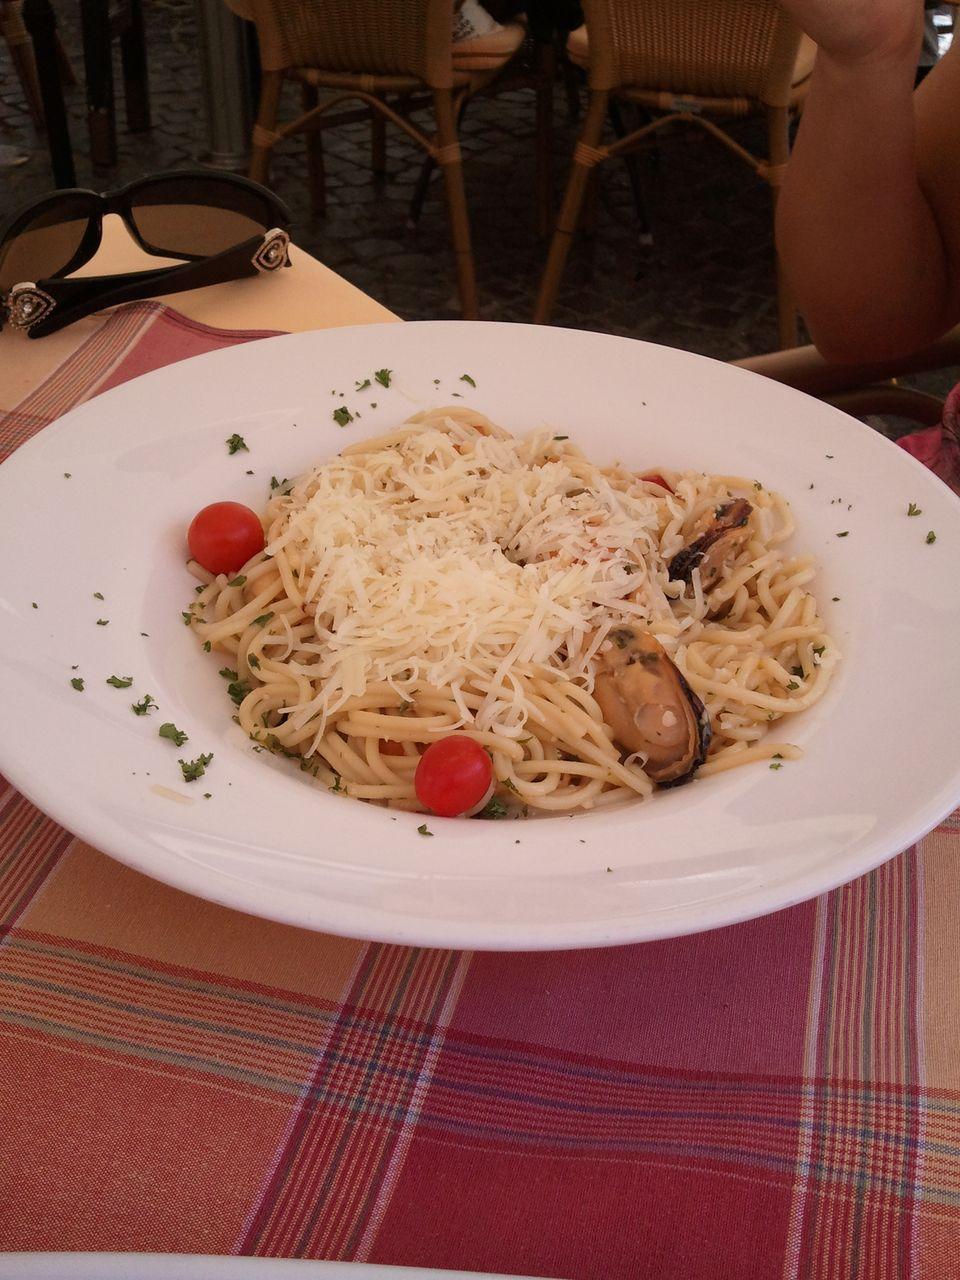 Zöldkagylós spagetti fokhagymásan.jpg